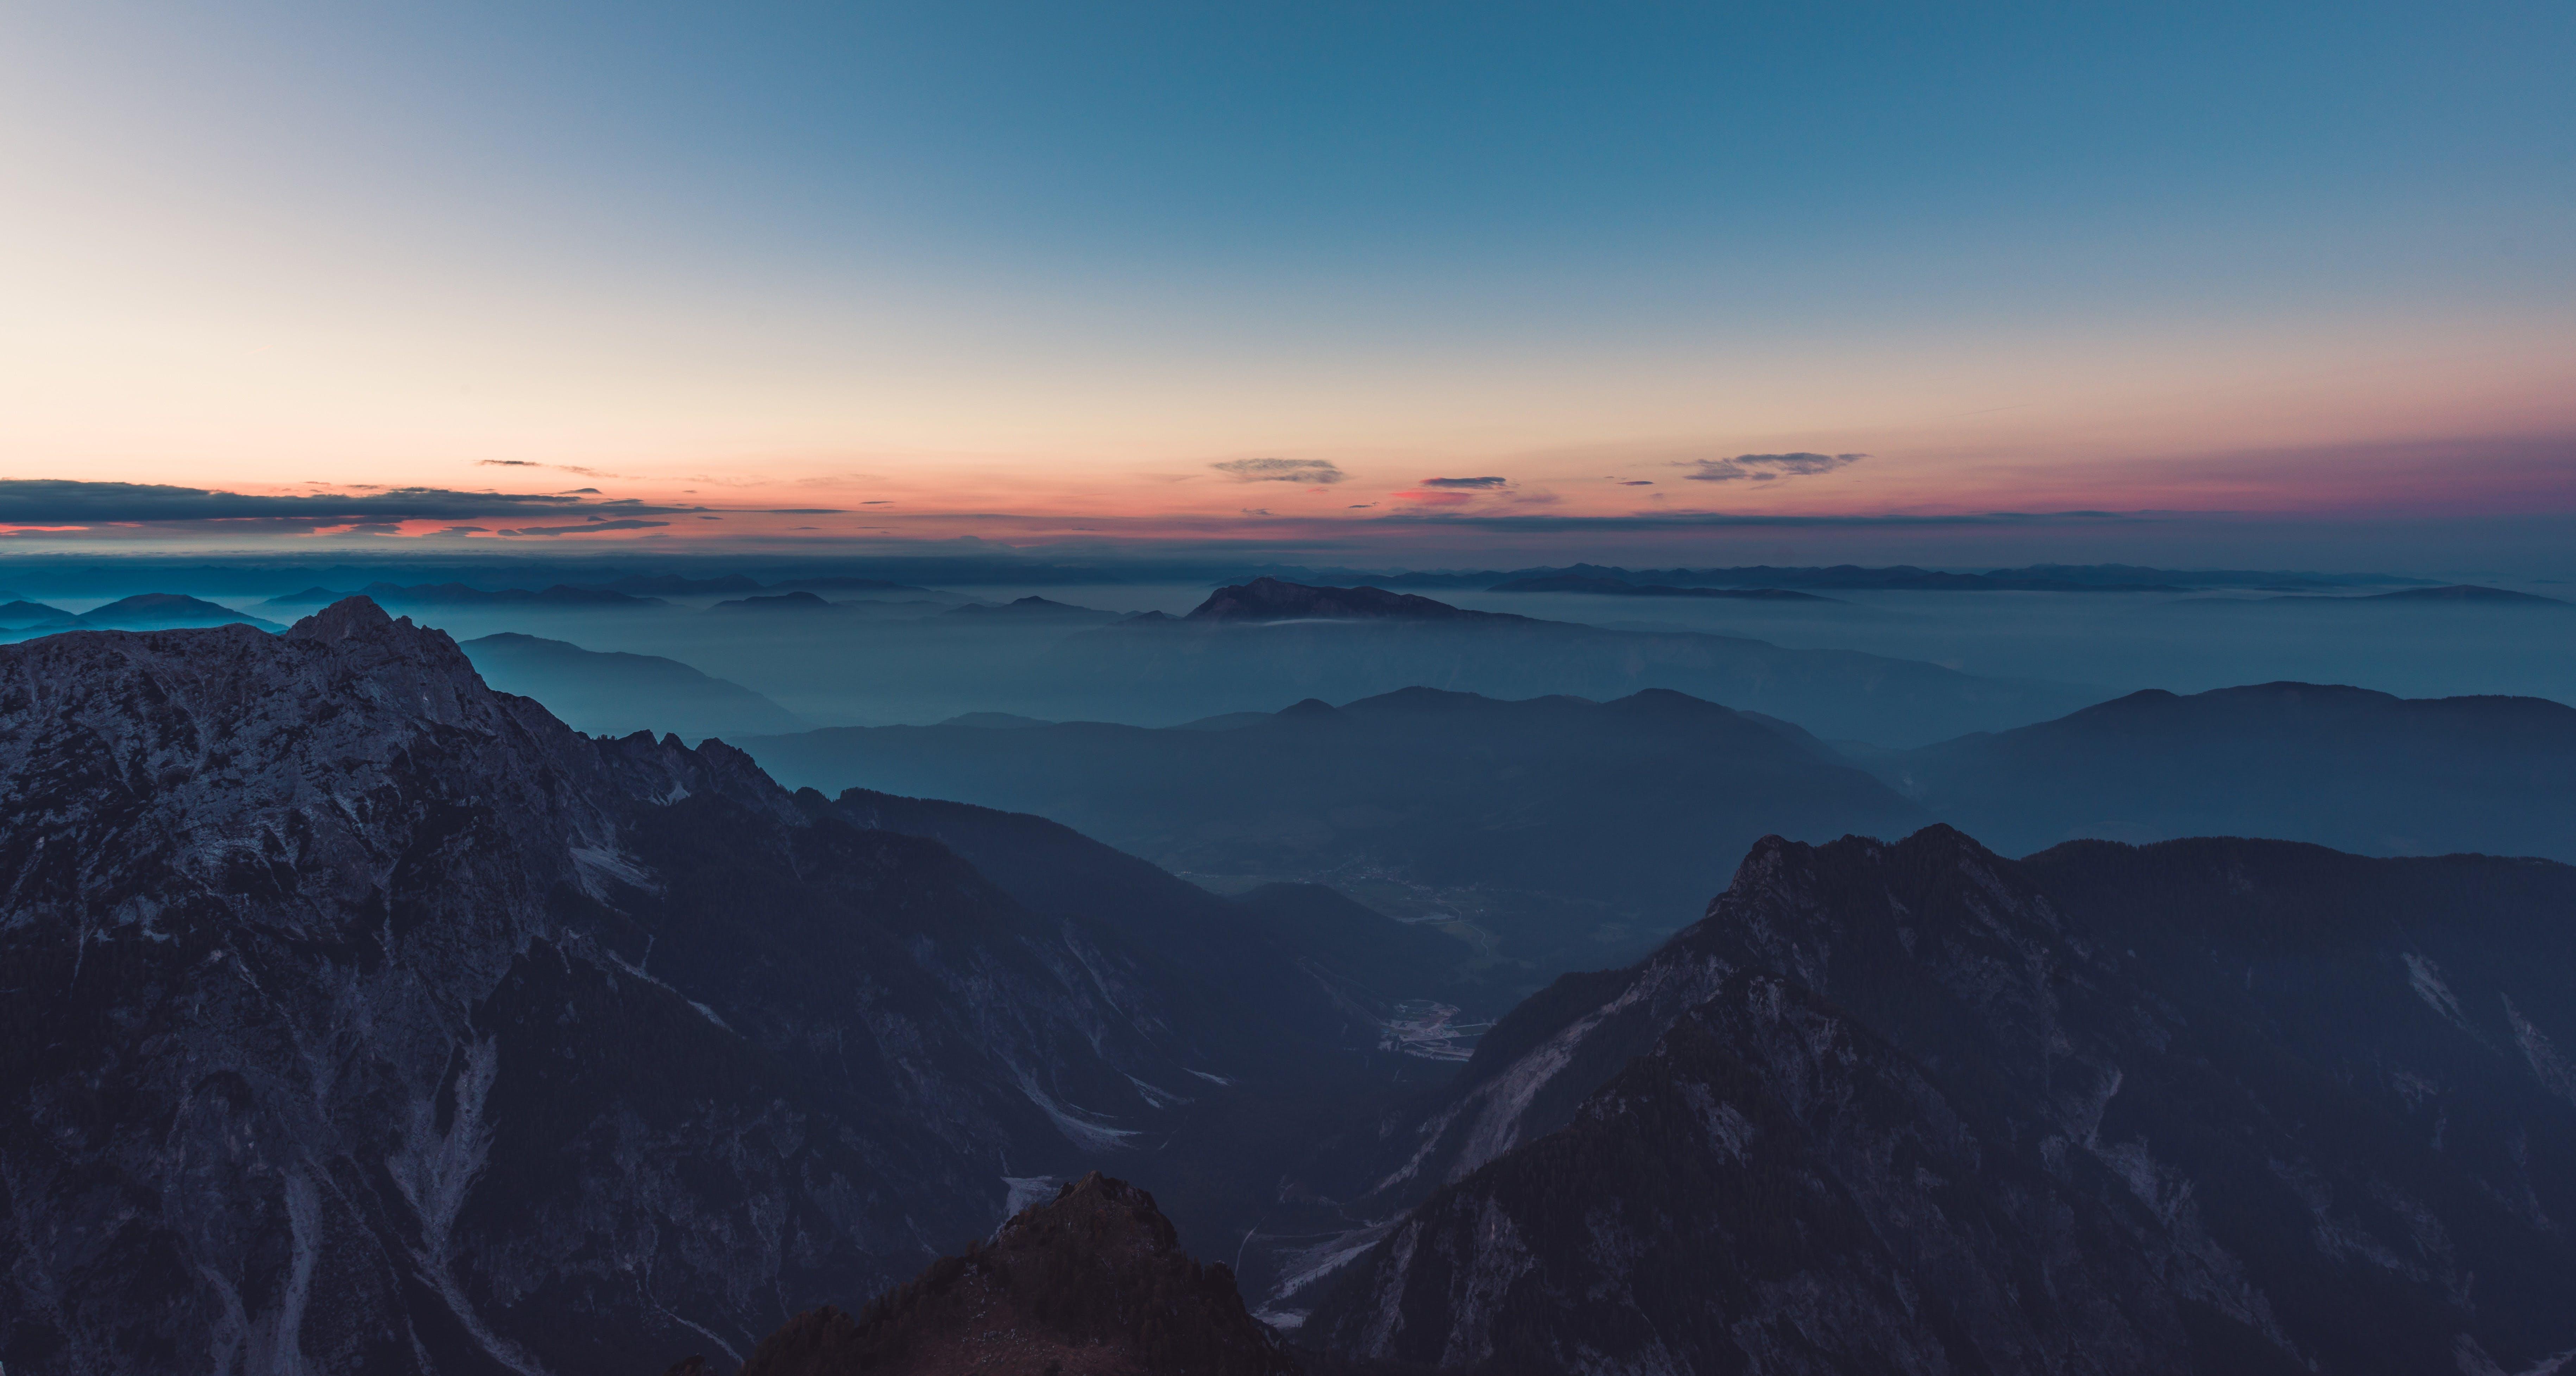 altitude, amazing, calm